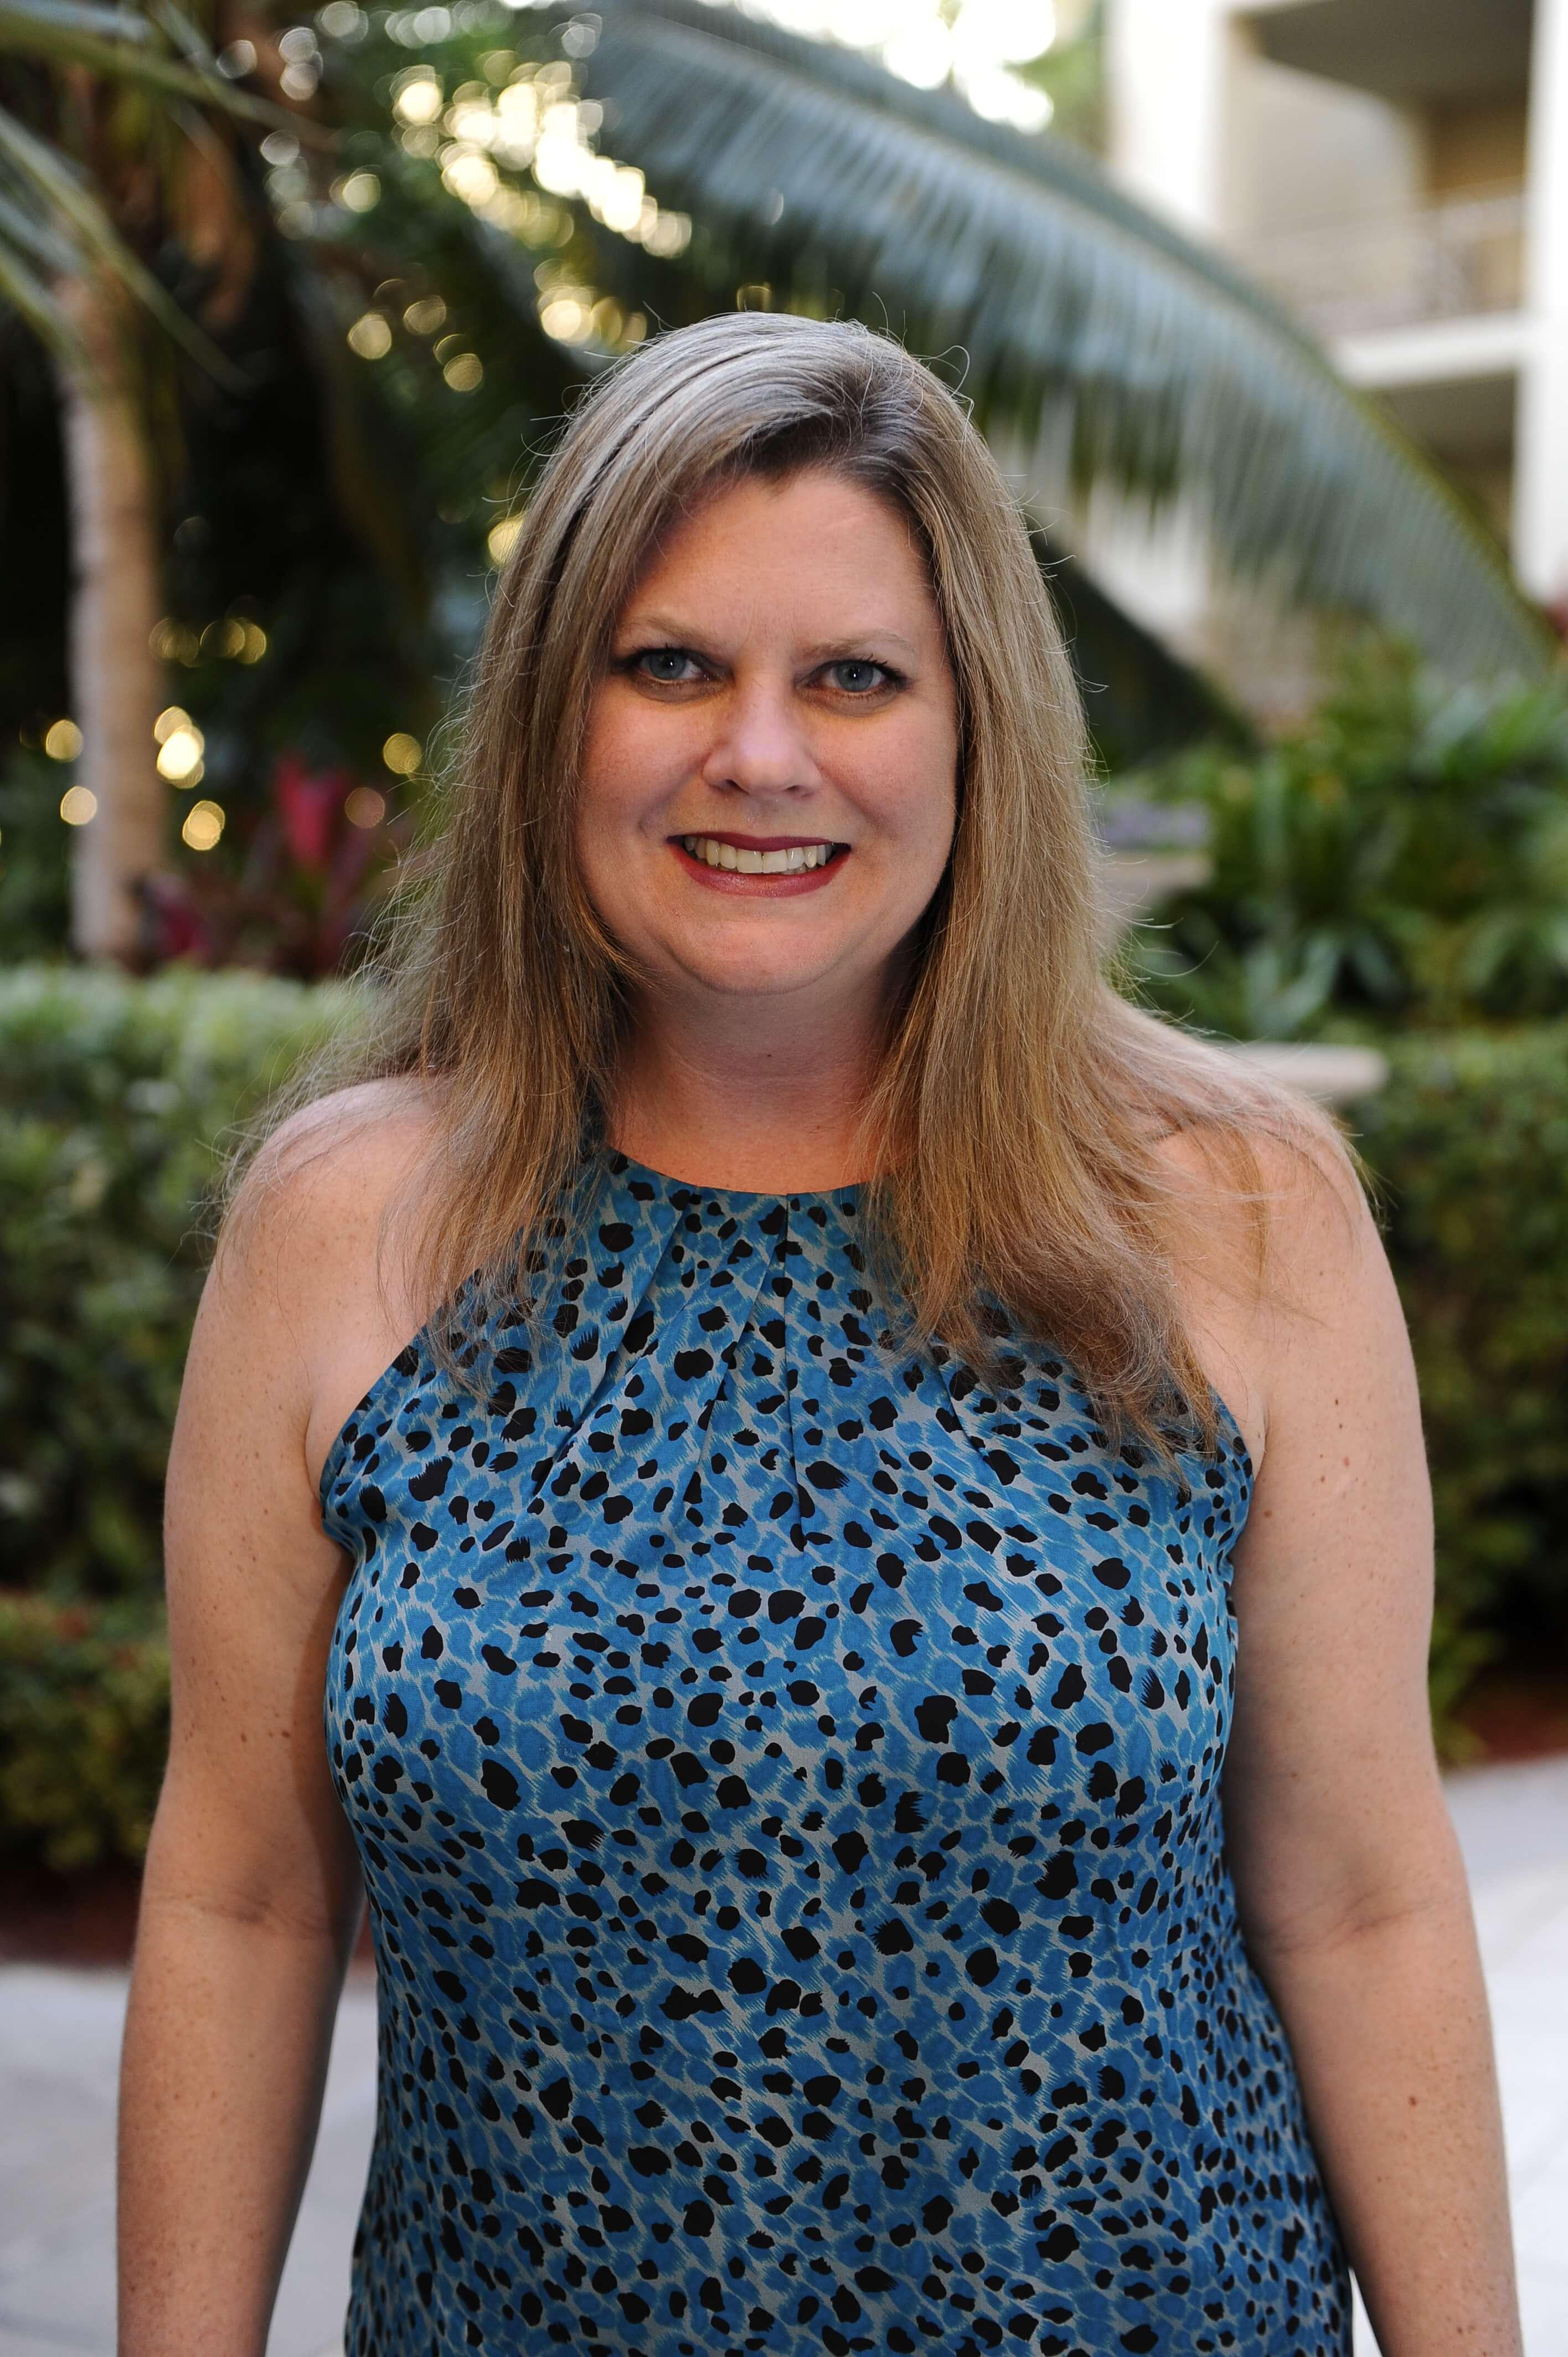 Laura McDonald